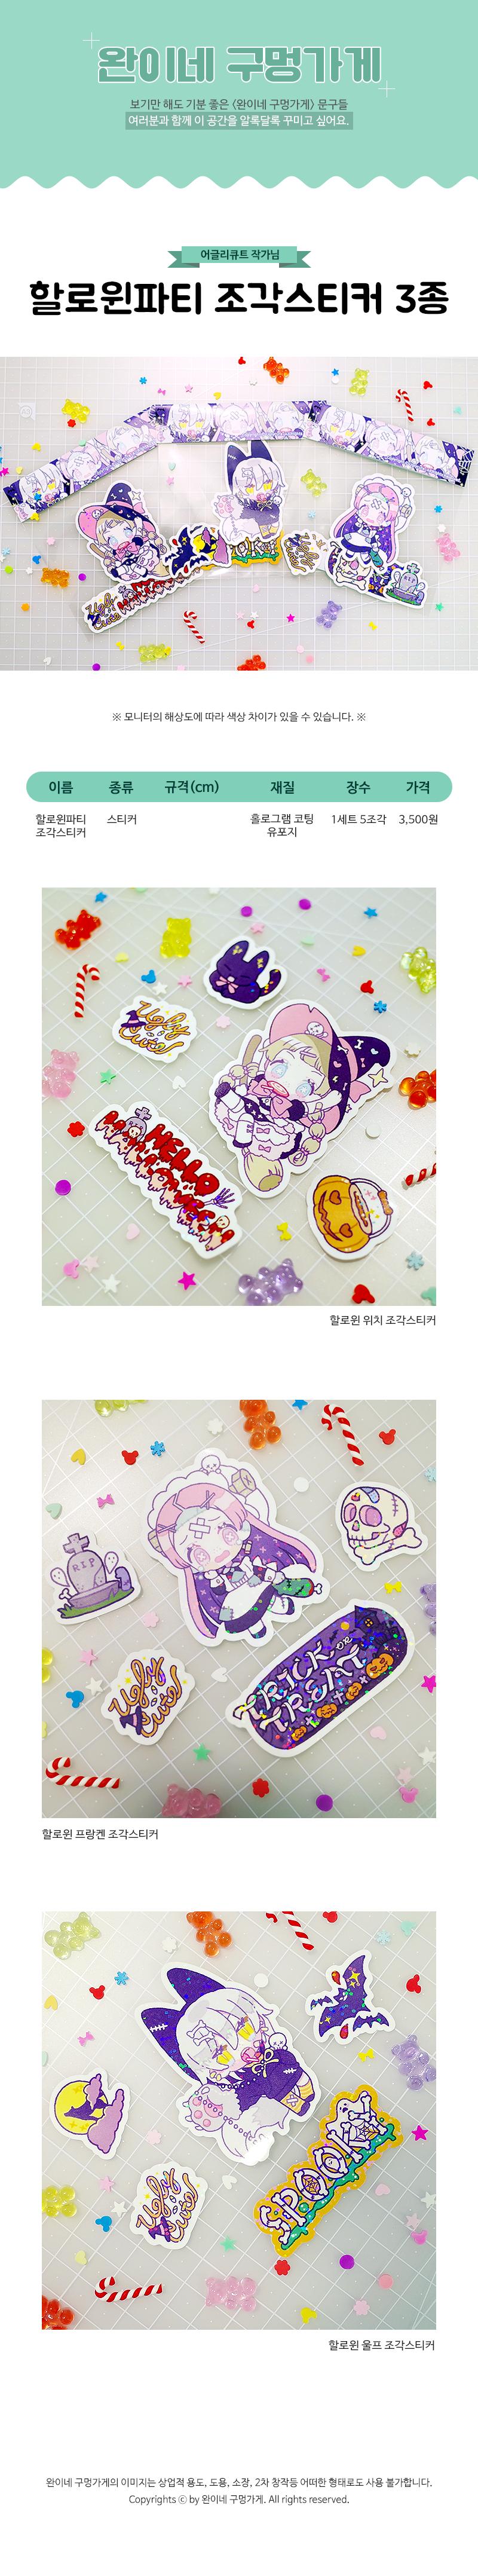 sticker820